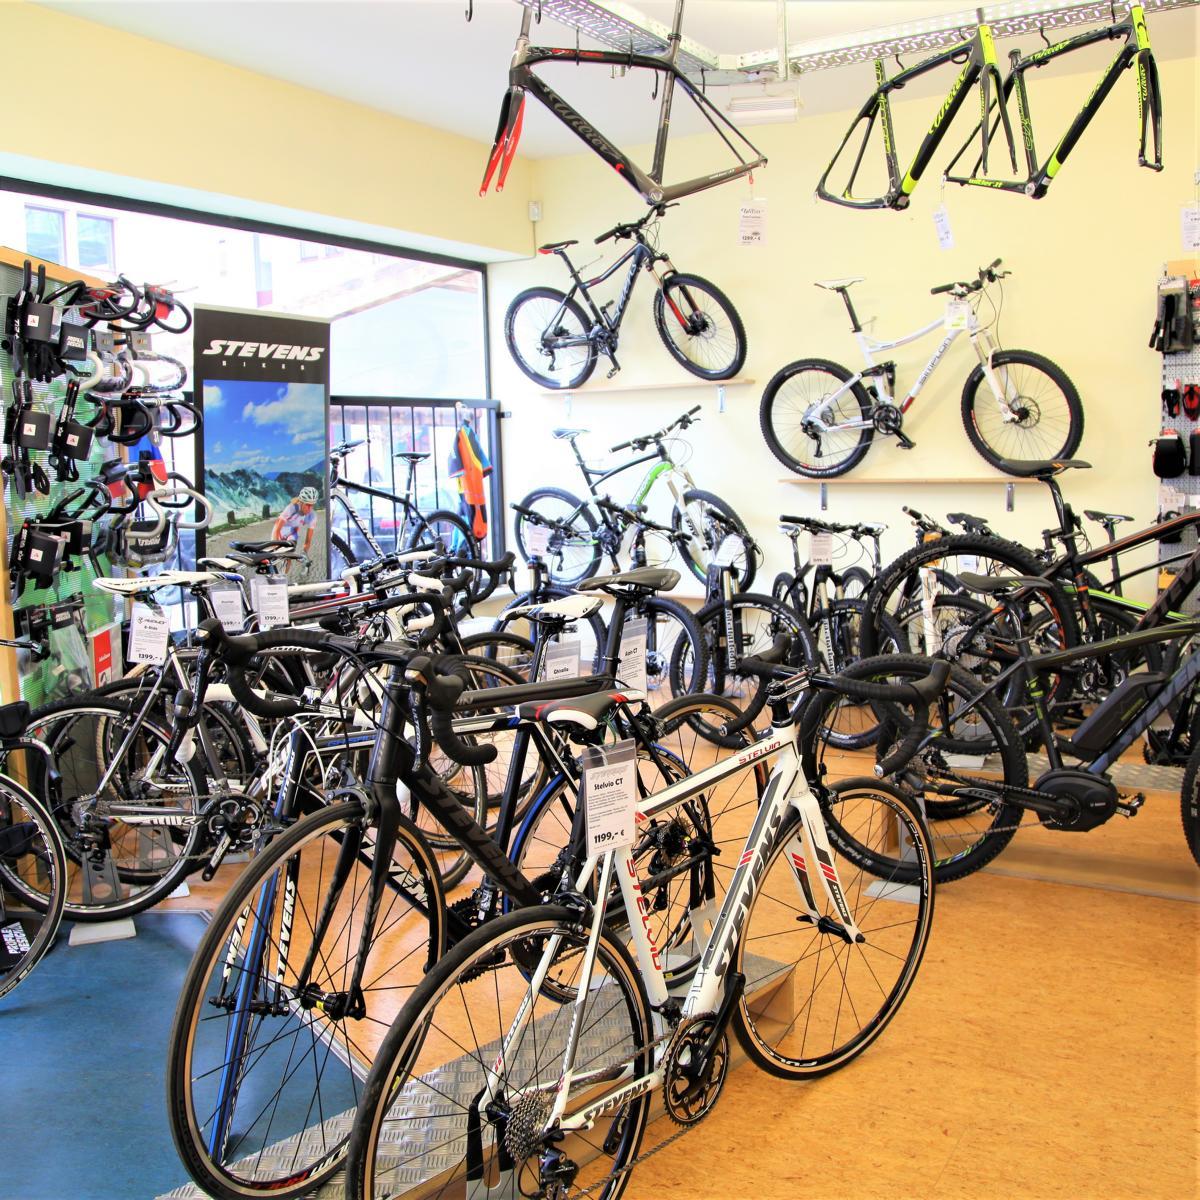 Style Hannover Fahrradkontor 4 - Fahrradkontor - Fachgeschäft rundherum